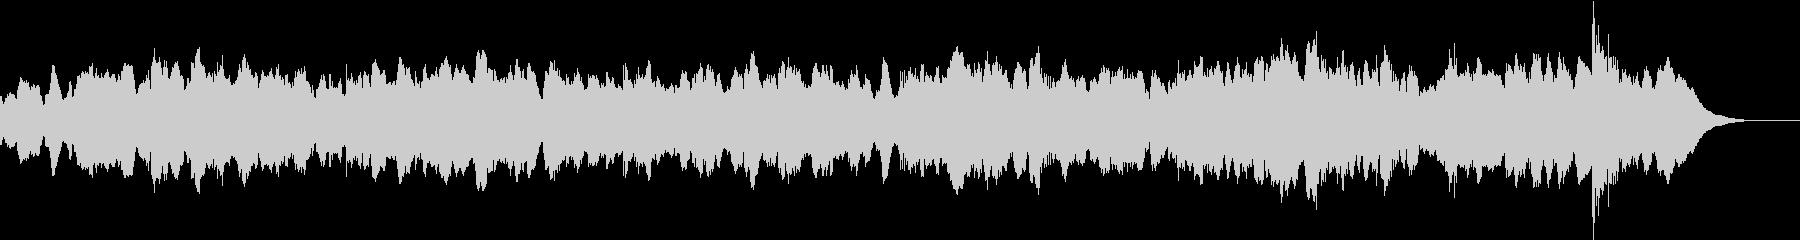 とても暗い雰囲気のオーケストラサウンドの未再生の波形